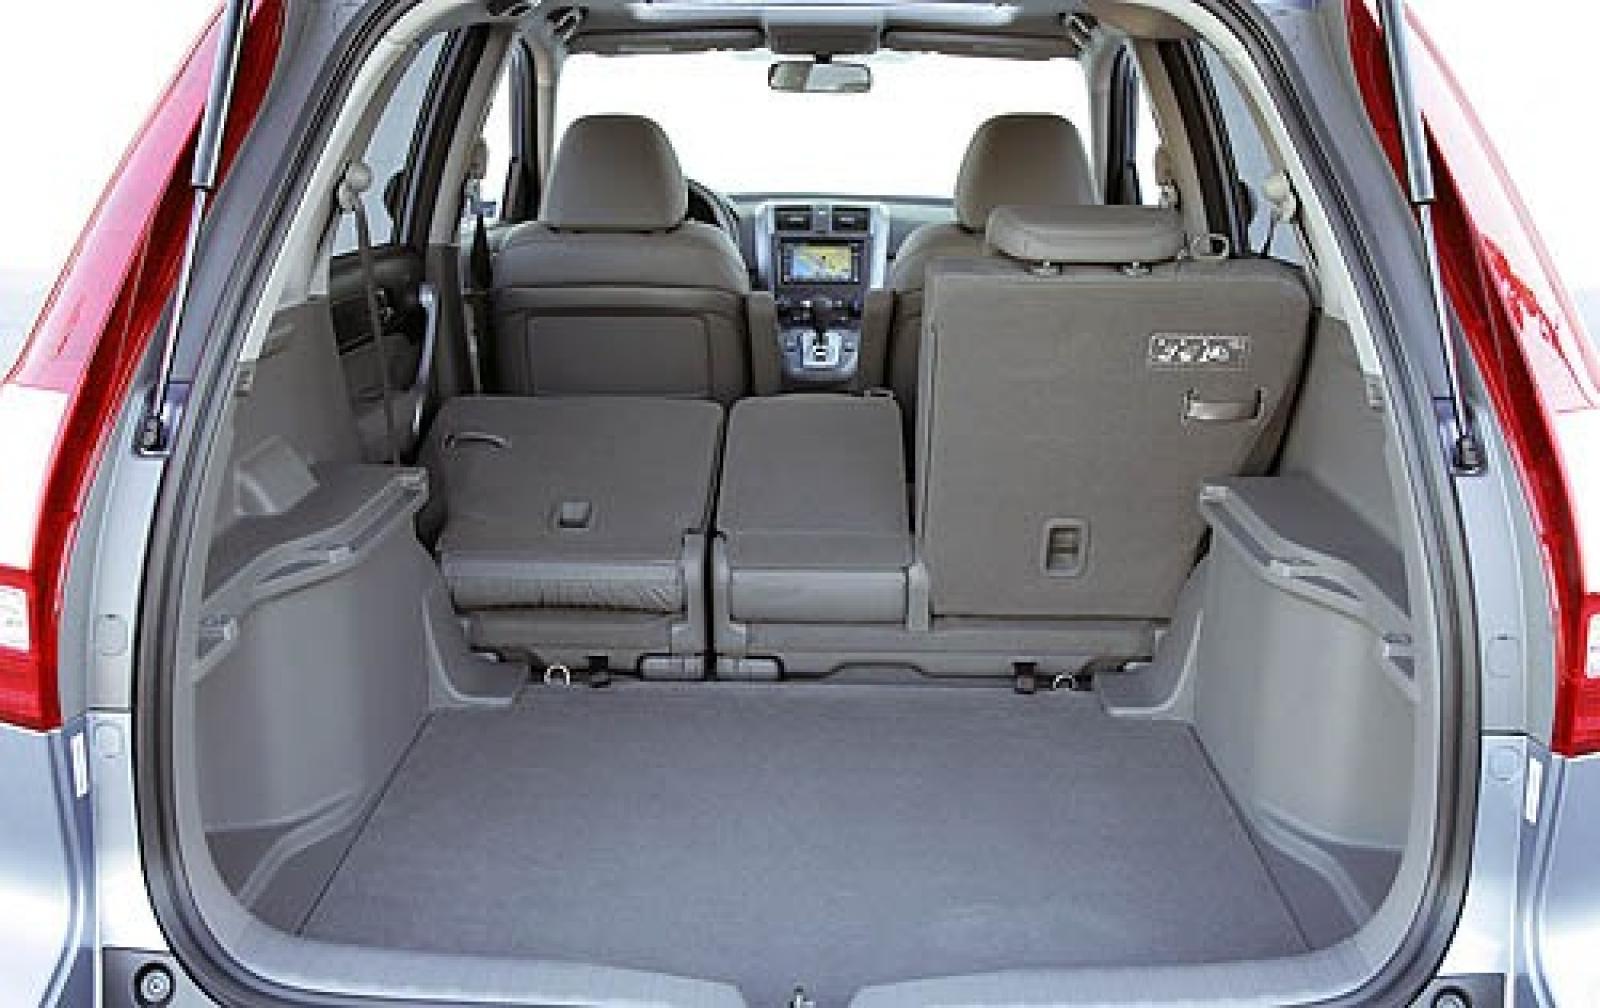 ... 2007 Honda CR V EX W/Navi Interior #7 800 1024 1280 1600 Origin ...